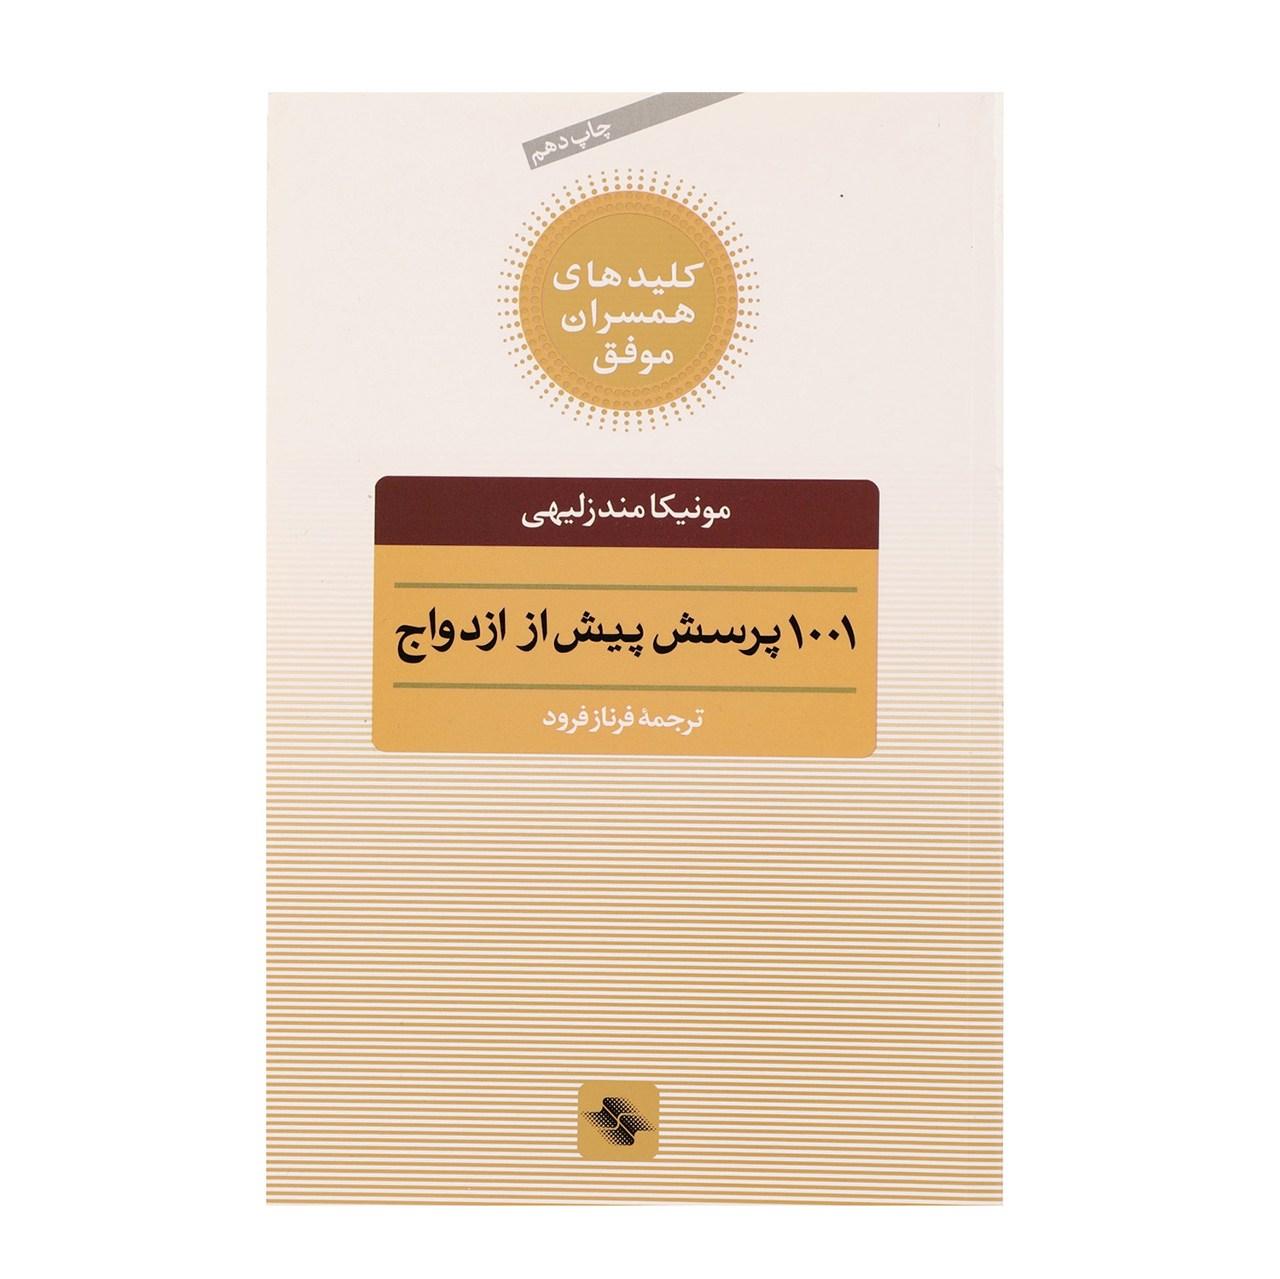 کتاب 1001 پرسش پیش از ازدواج اثر مونیکا مندزلیهی